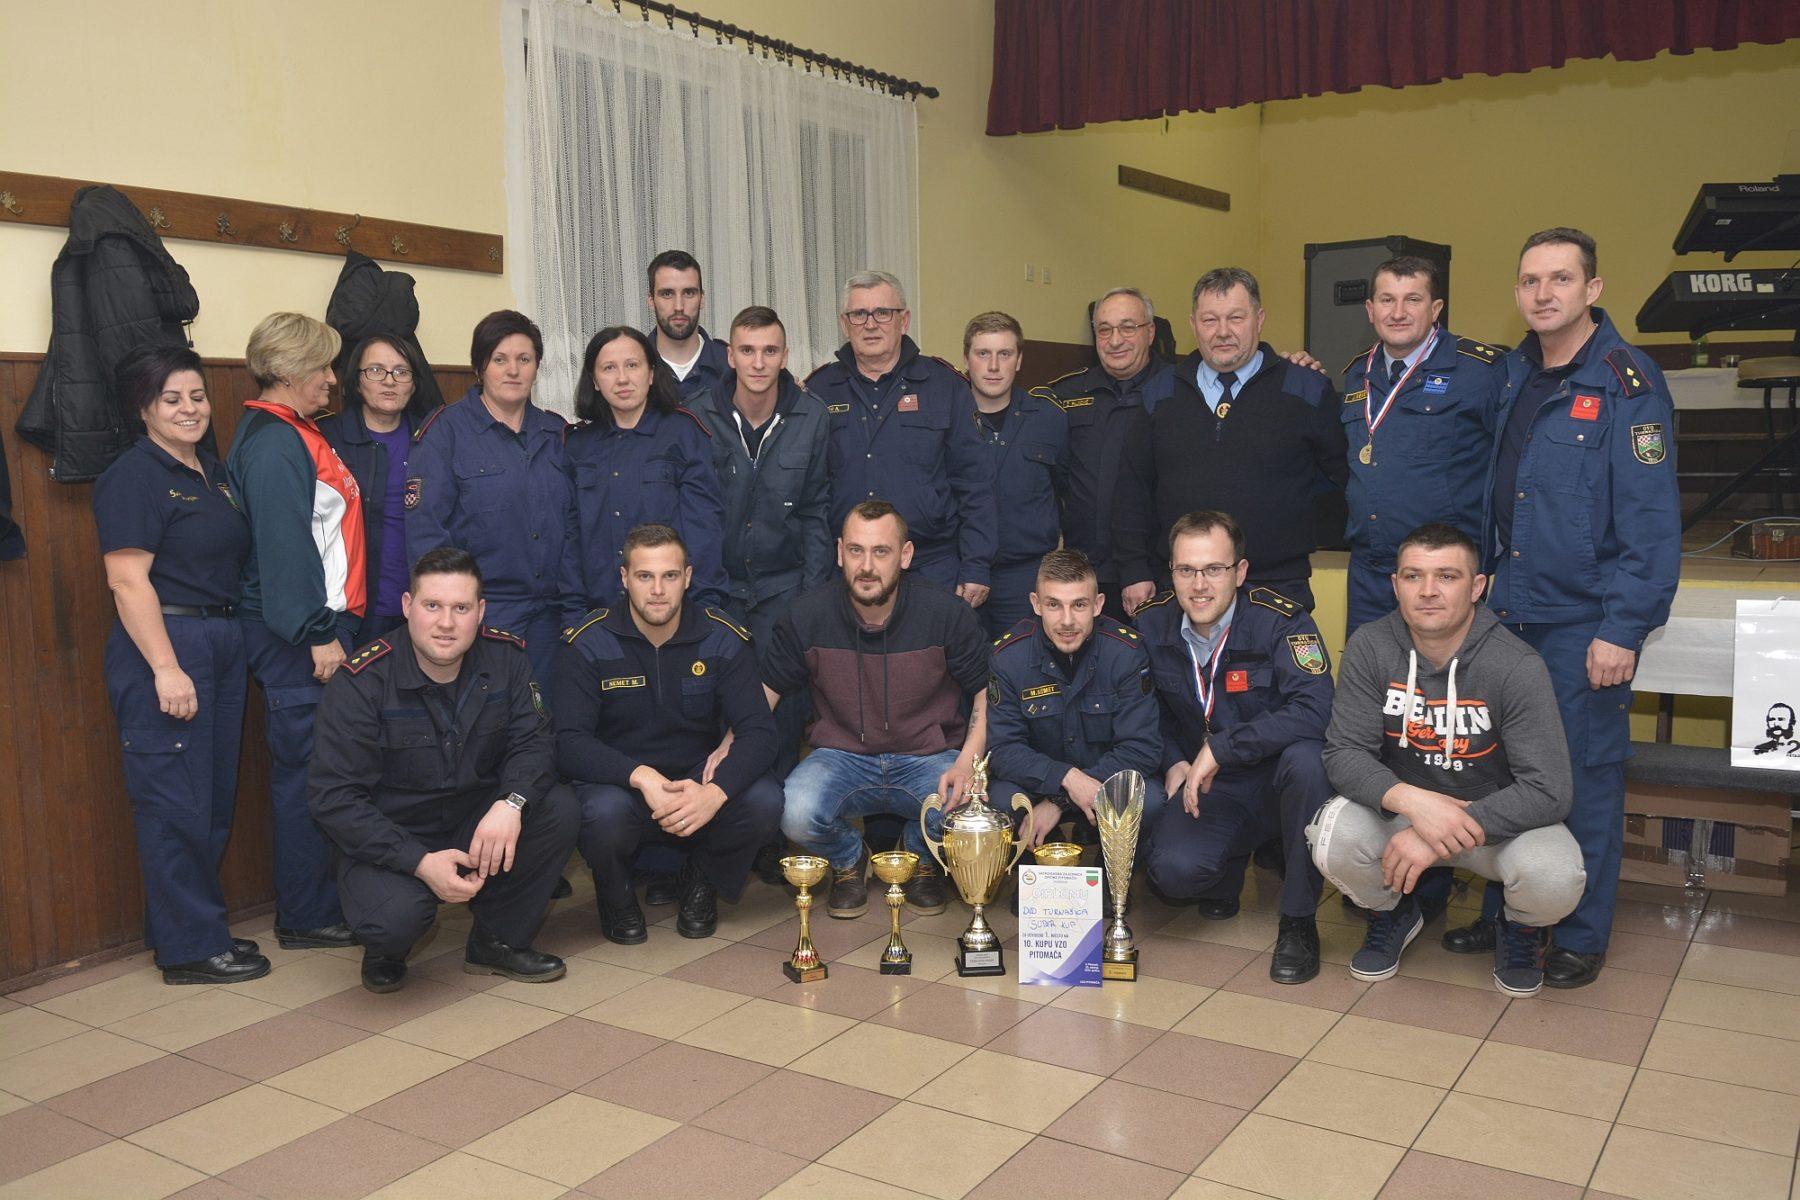 Fotogalerija: U spajanju usisnog voda prva mjesta Turnašici, Gornjem Bazju i Virovitici